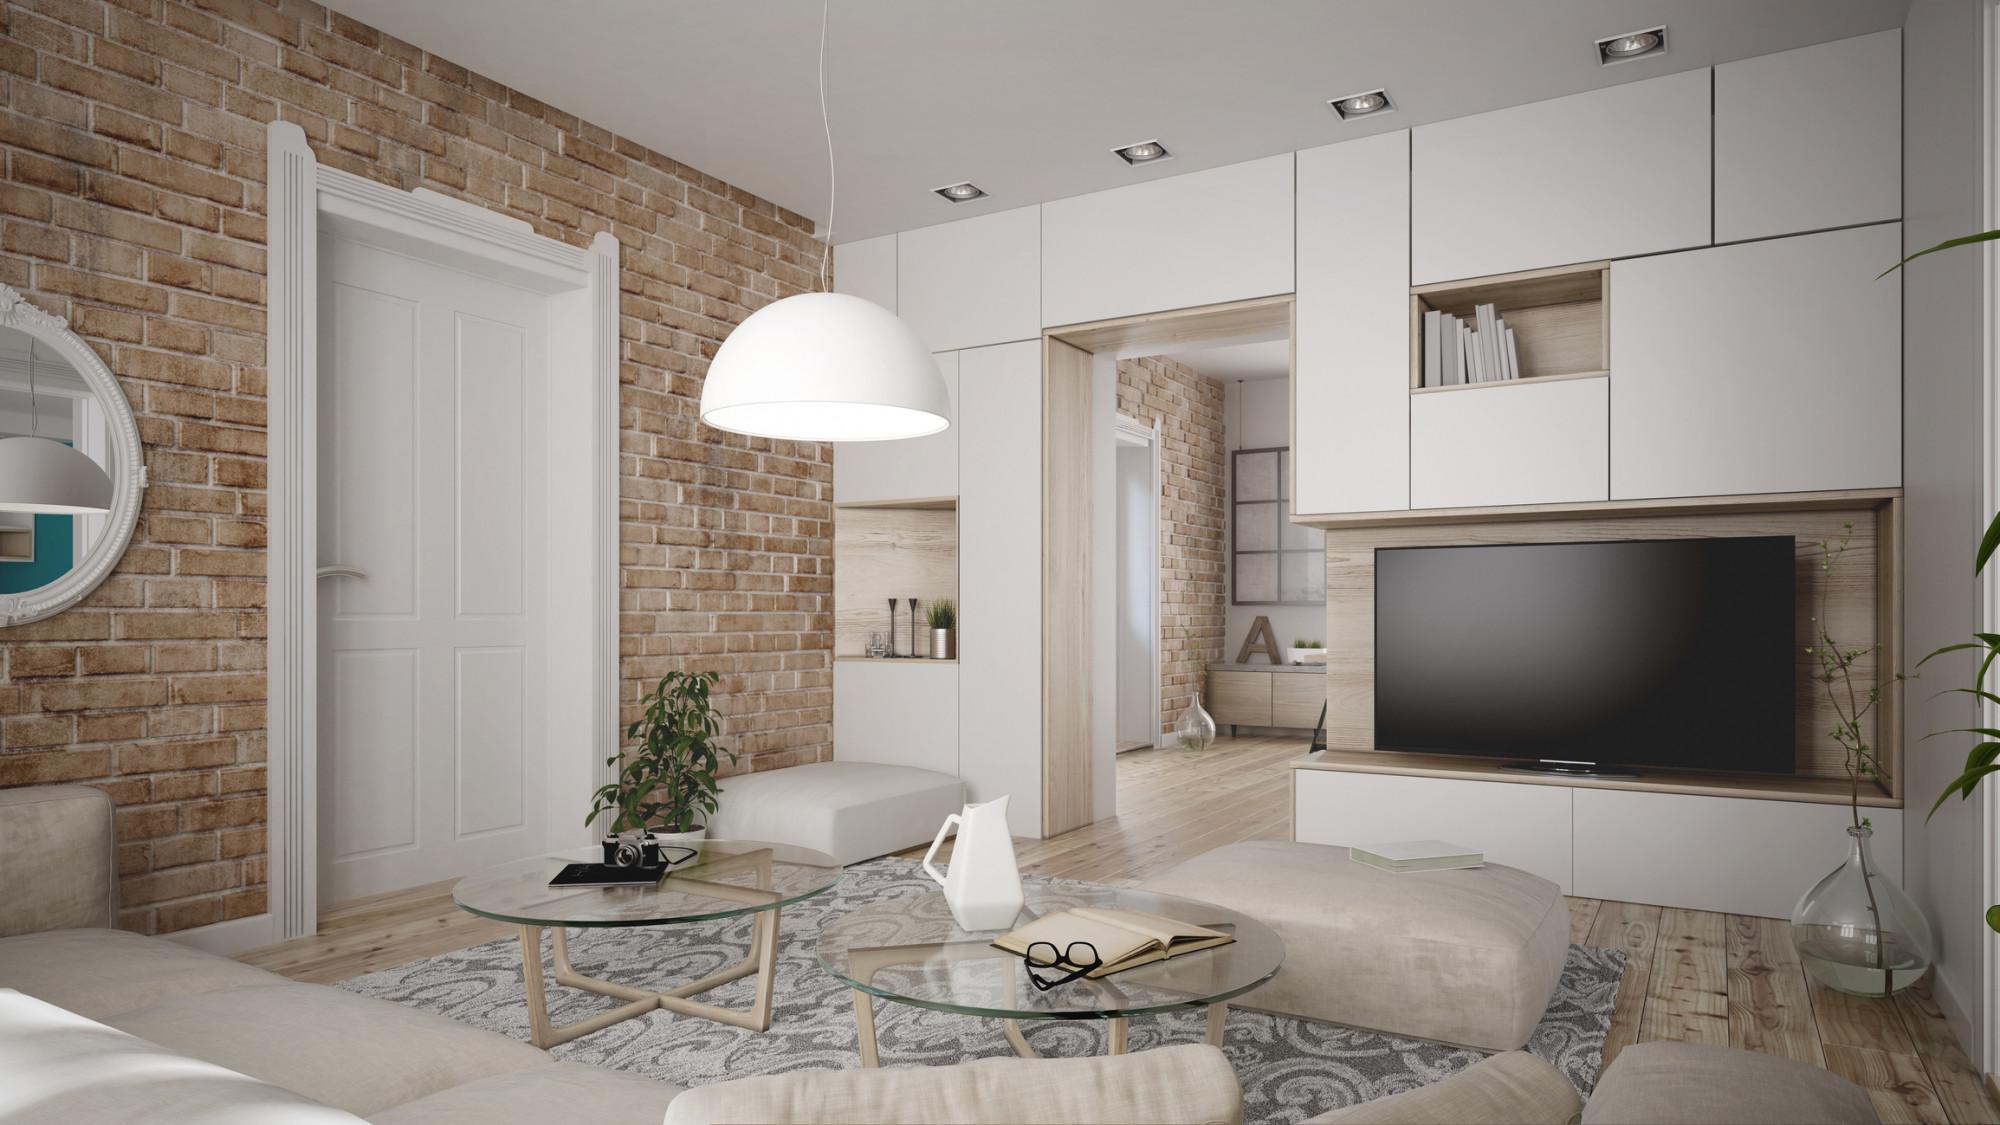 Biely nábytok v modernej obývačke so štýlovou tehlovou stenou